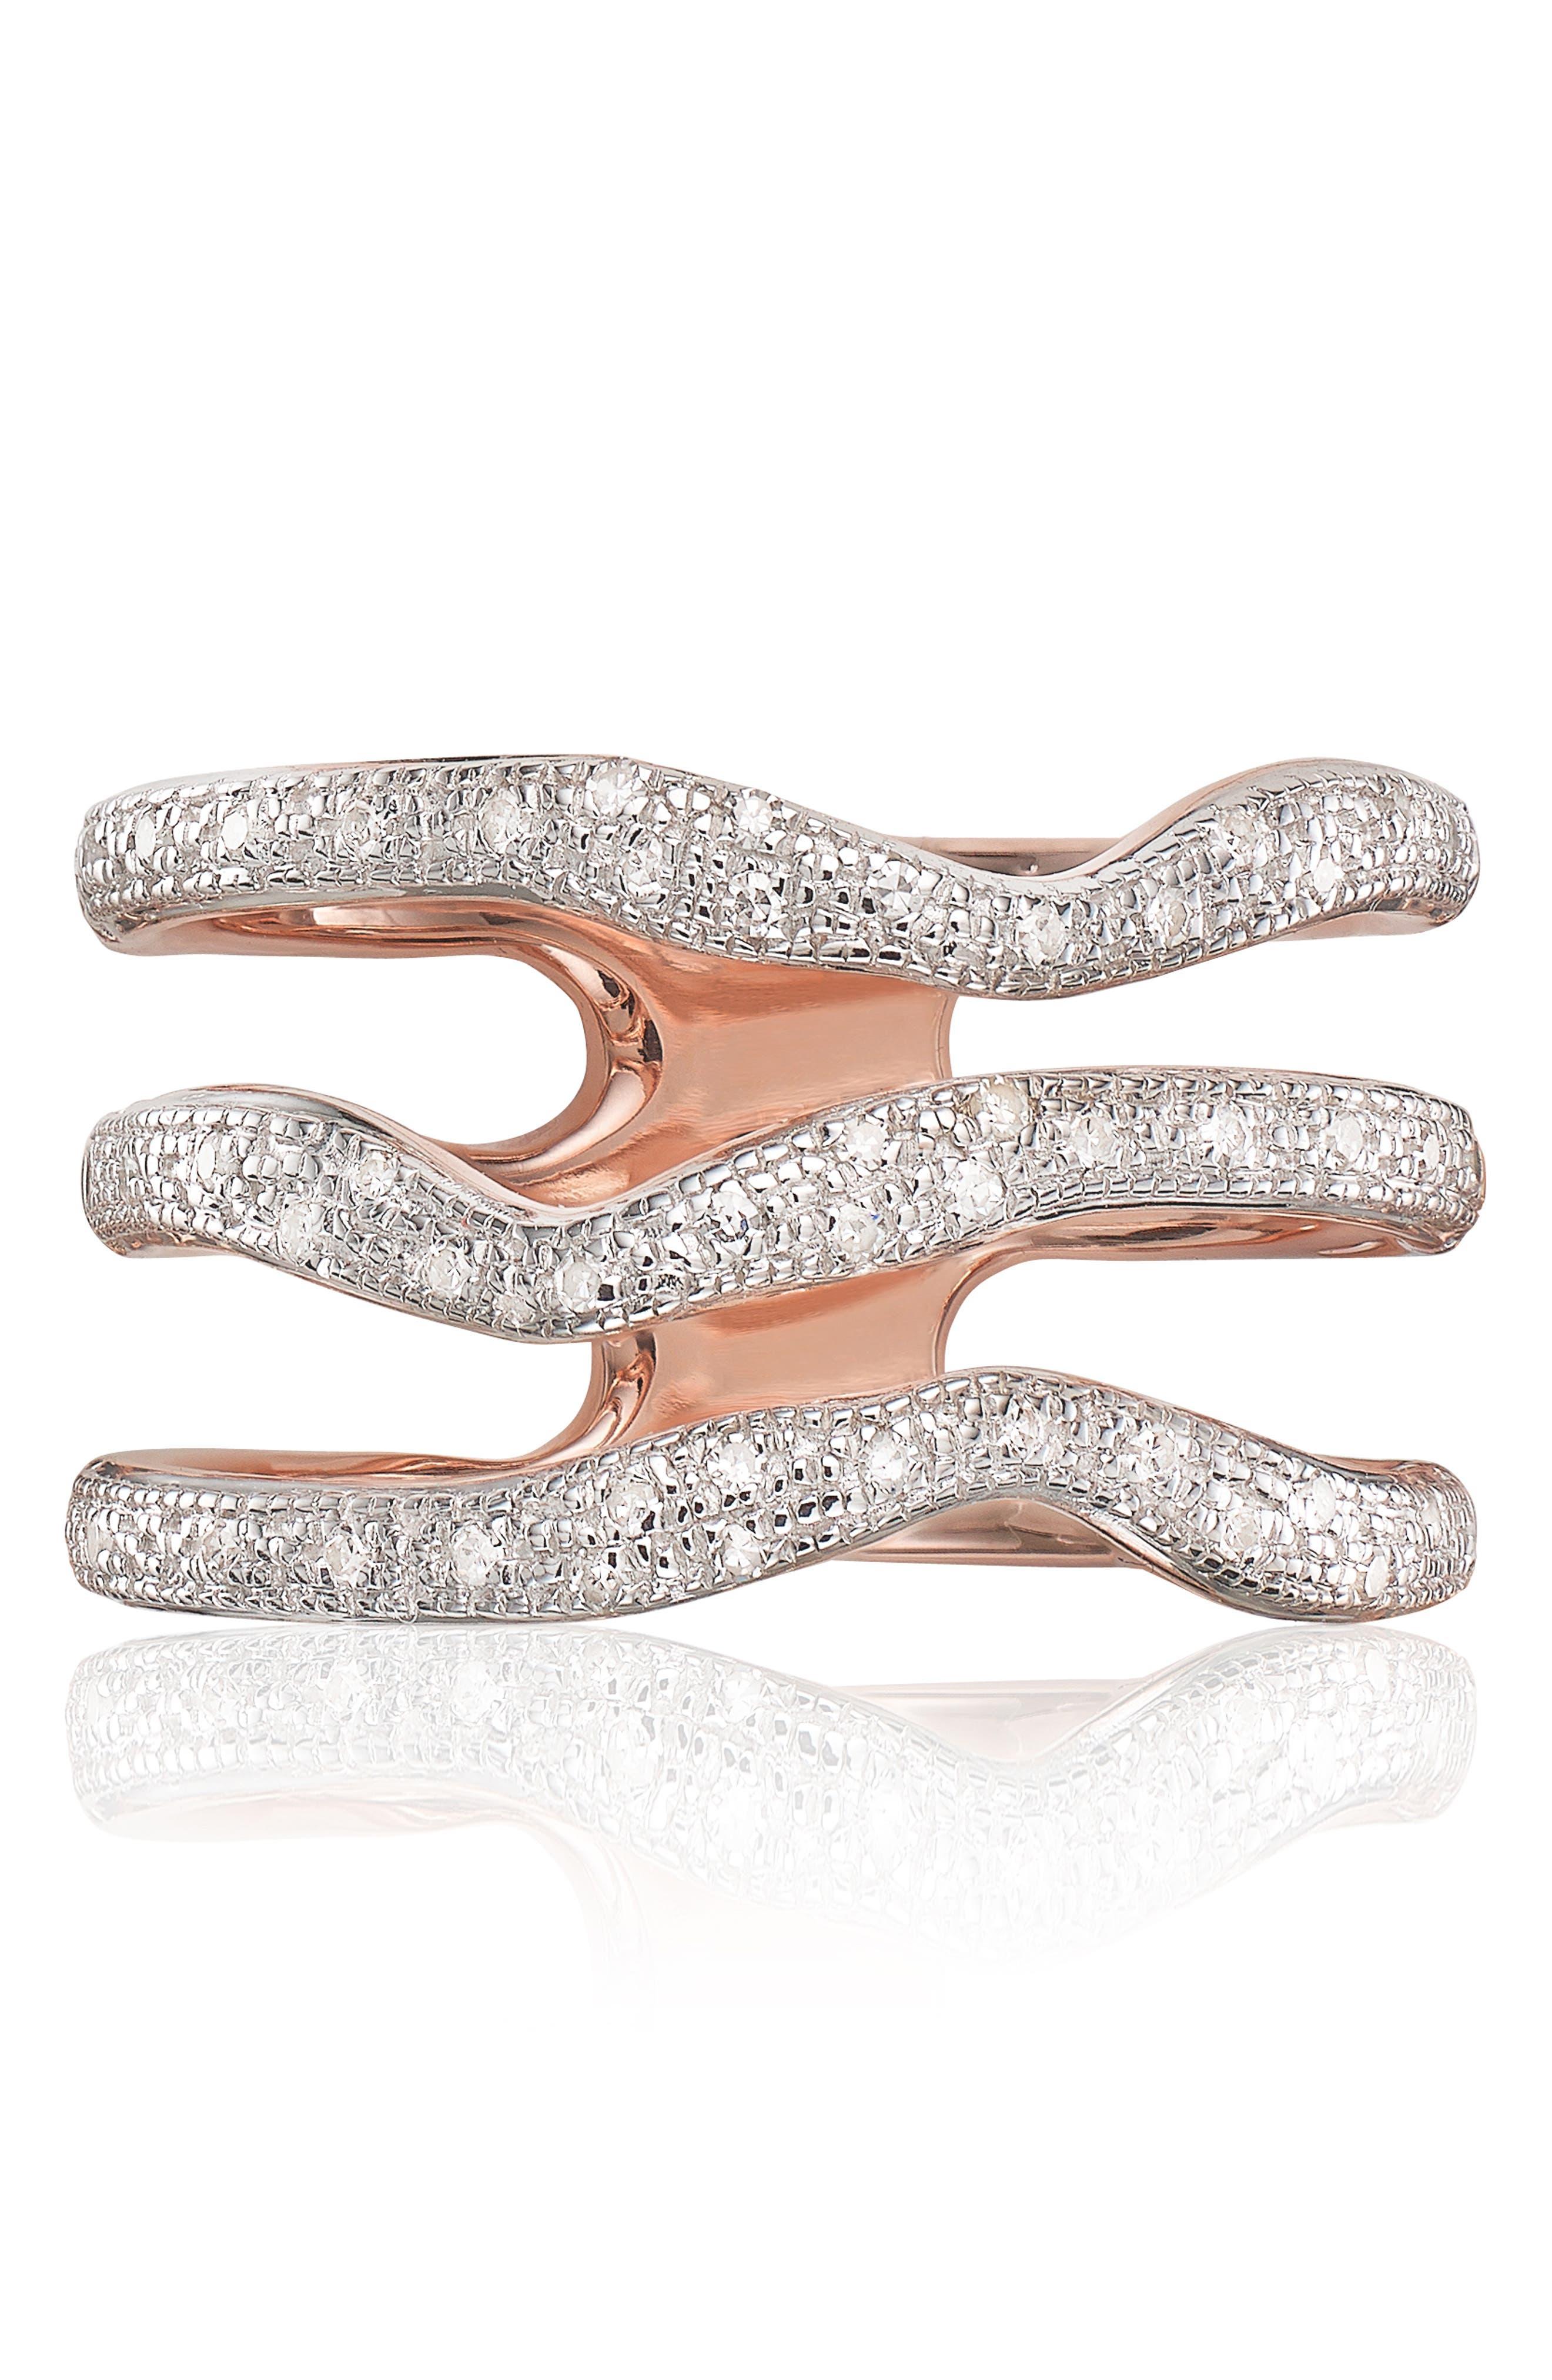 MONICA VINADER 'Riva' Three Band Diamond Ring, Main, color, ROSE GOLD